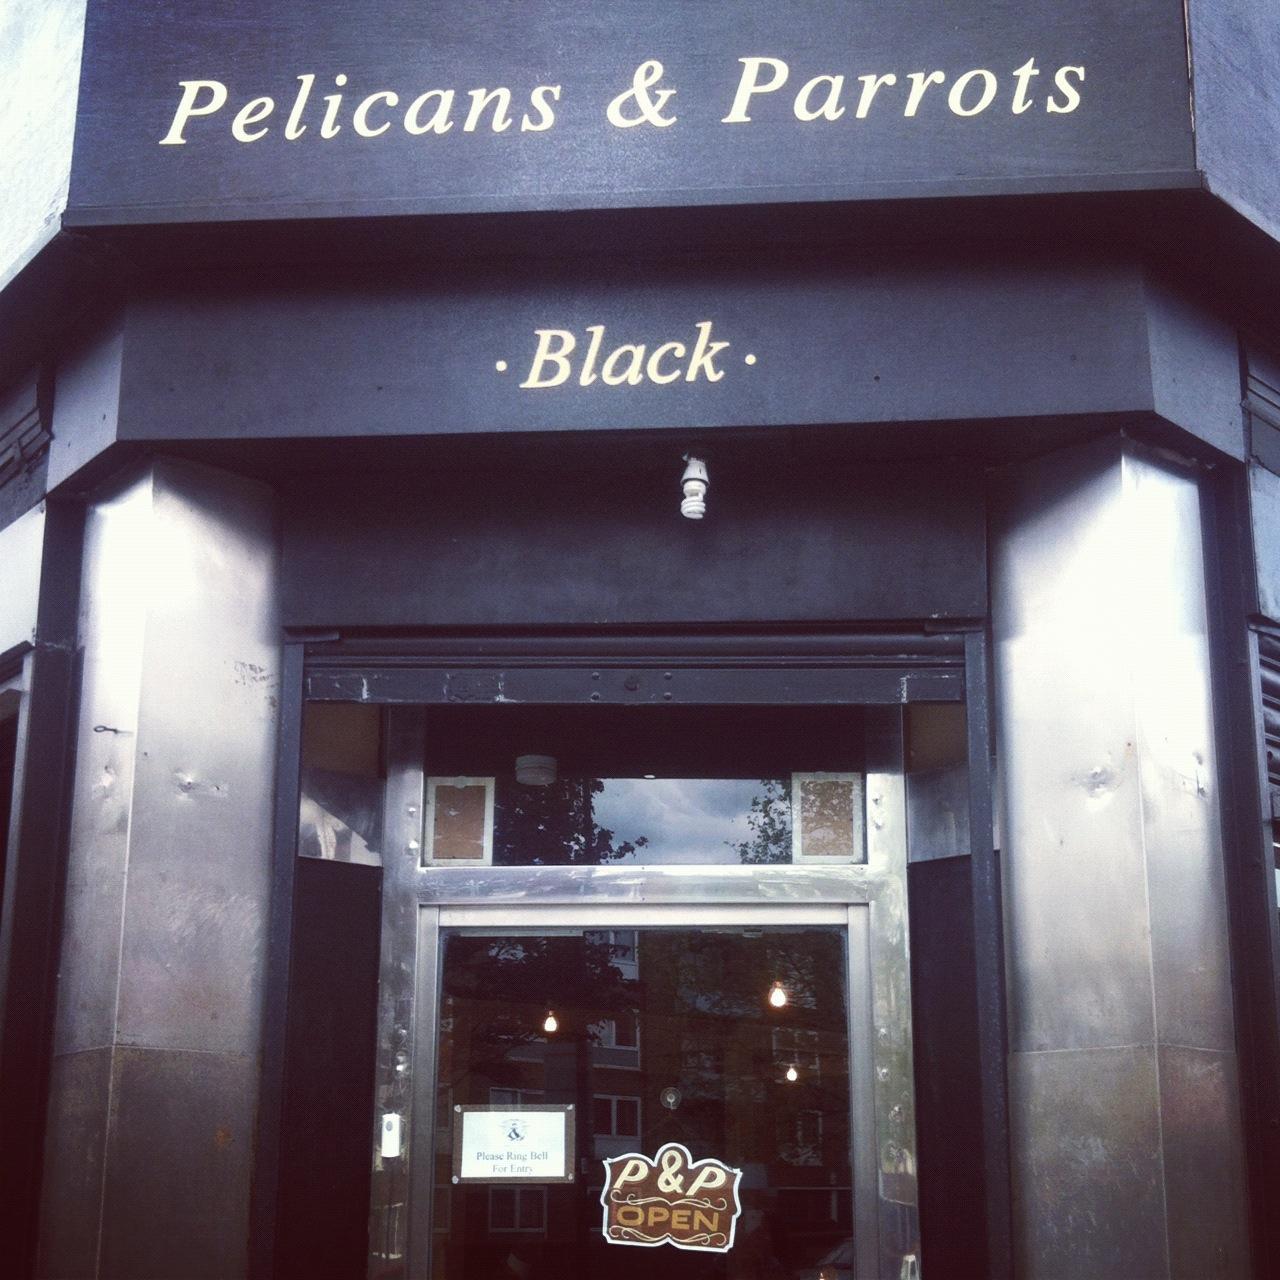 Boutique Feature: Pelicans & Parrots